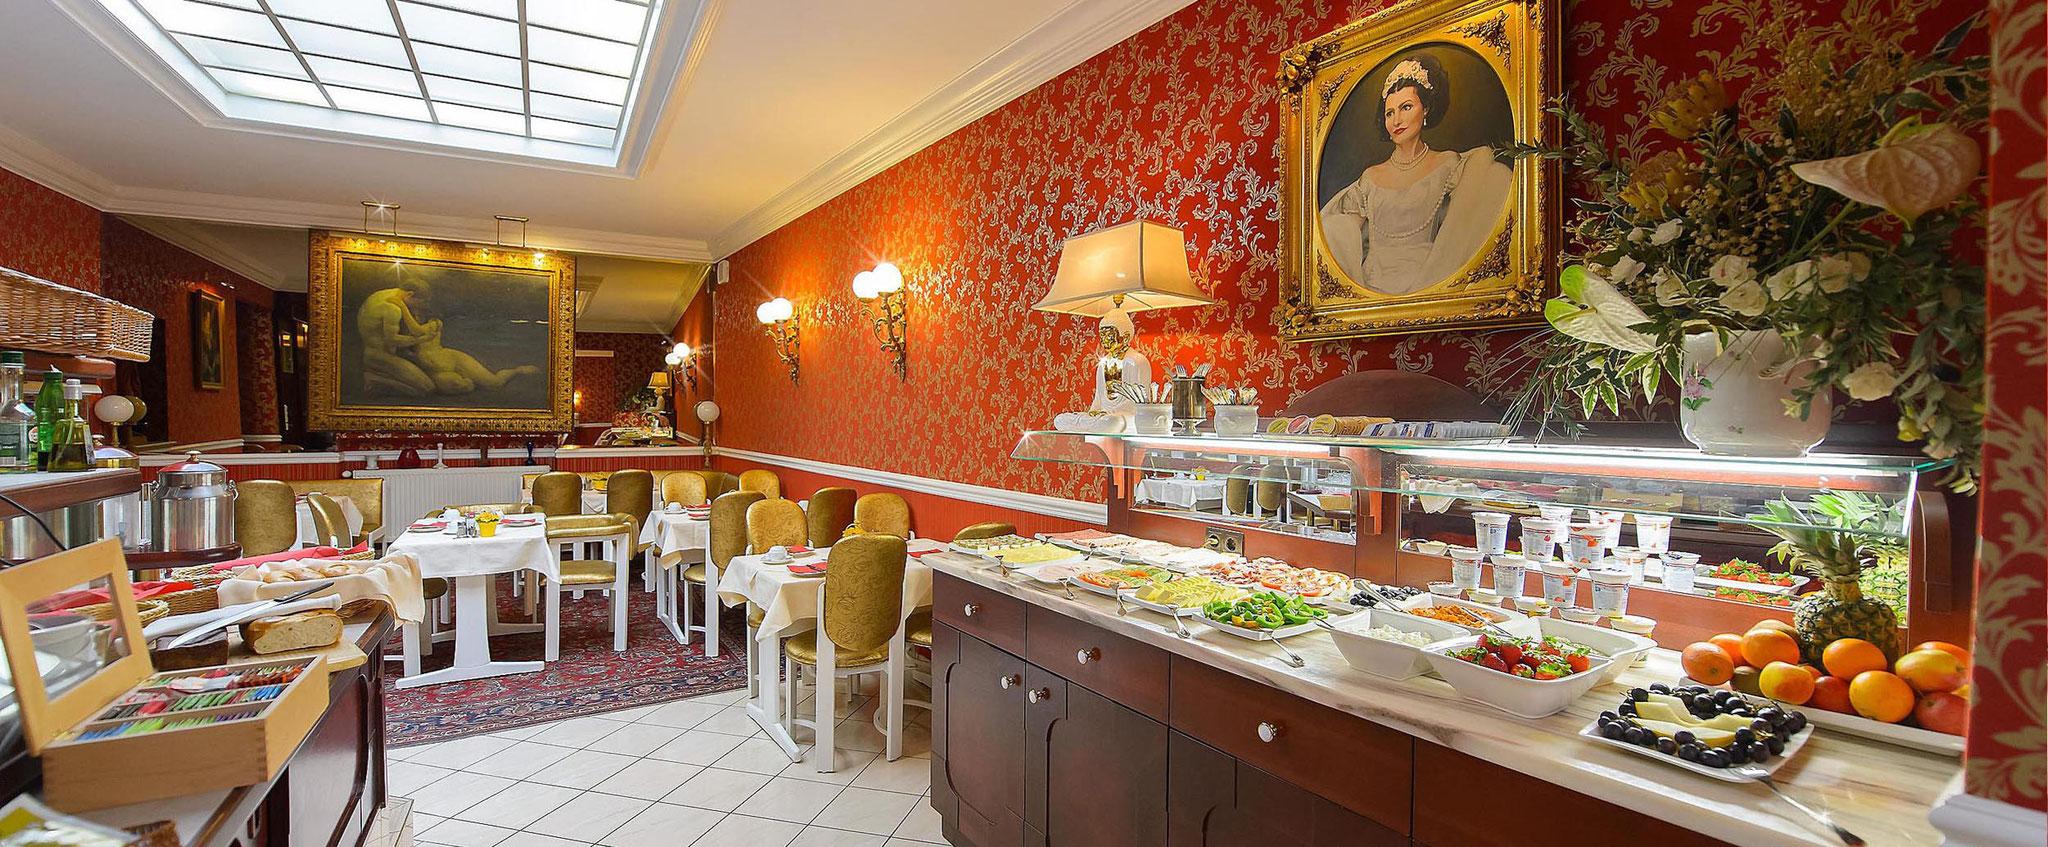 Romantisches Hotel - Romantisches Hotel Urania Prater Wien - Messe Nähe